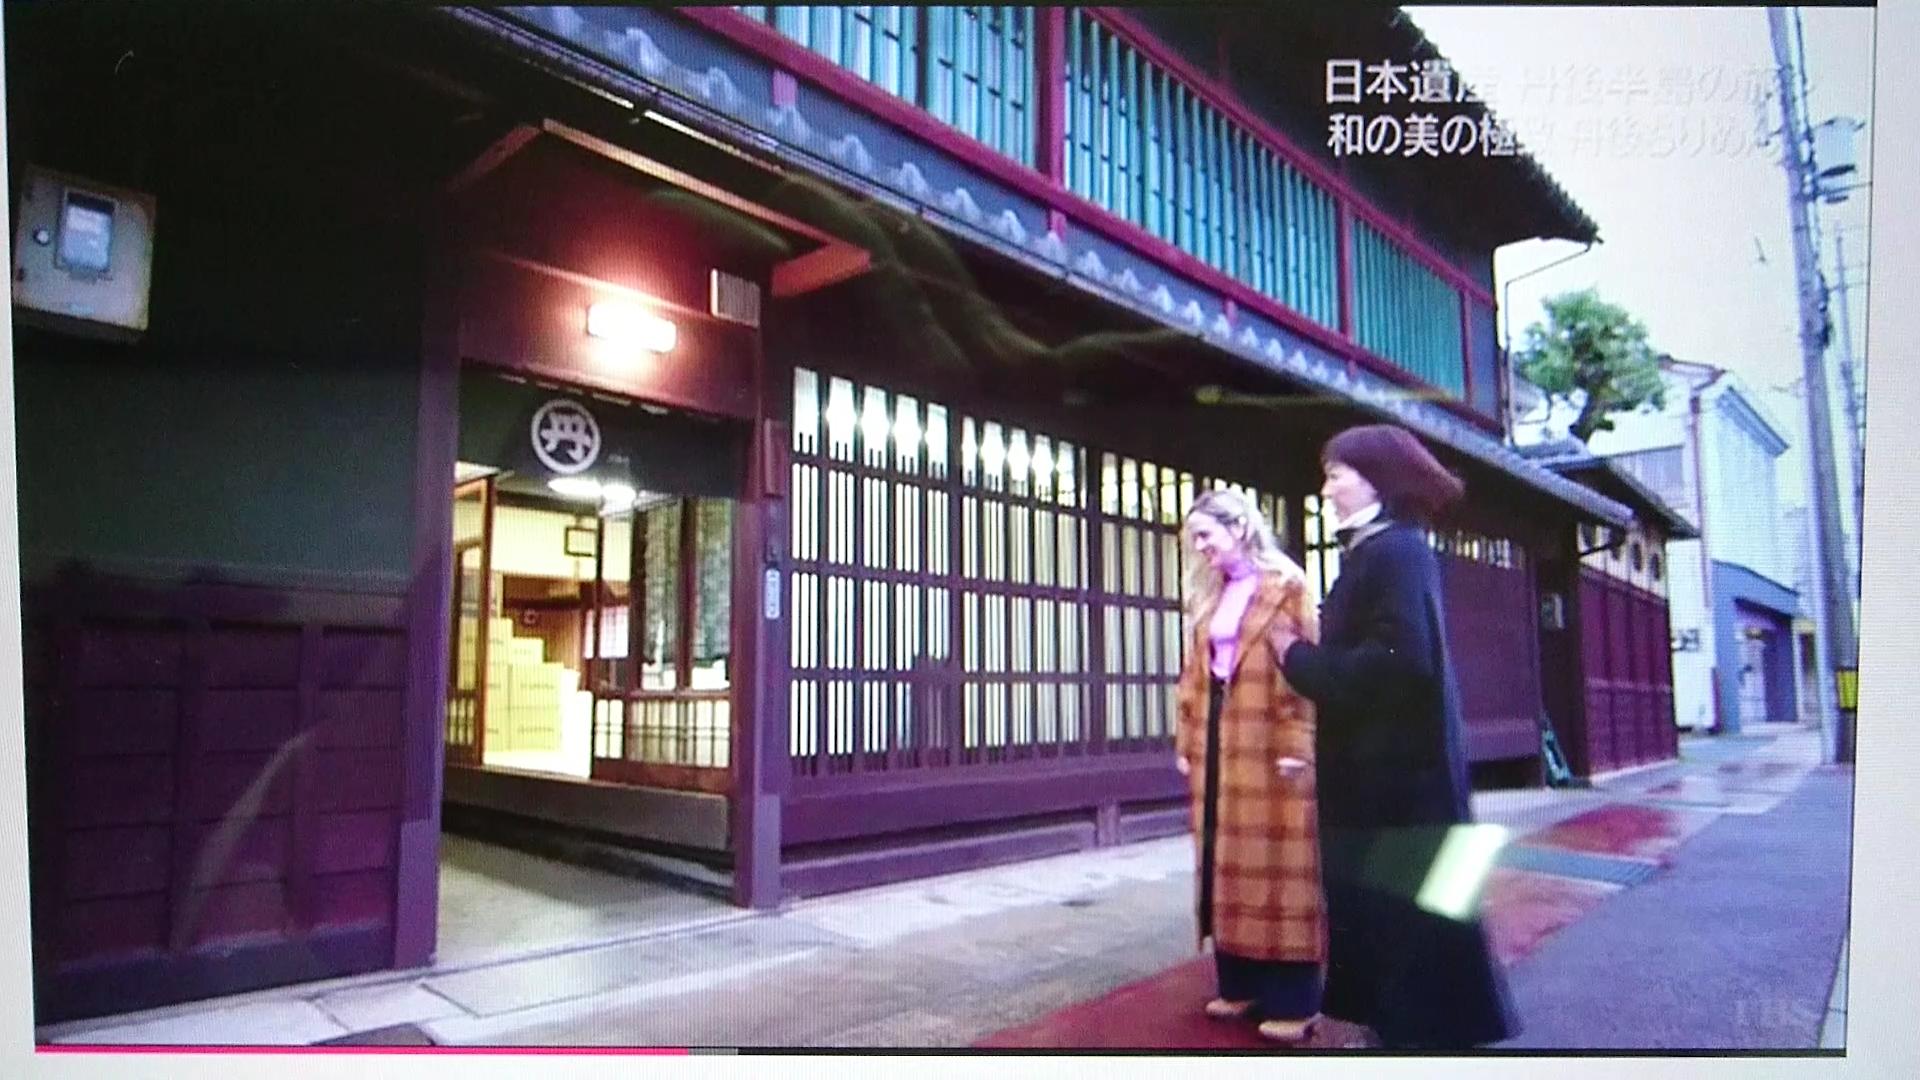 じょんのび日本遺産の画像 p1_16